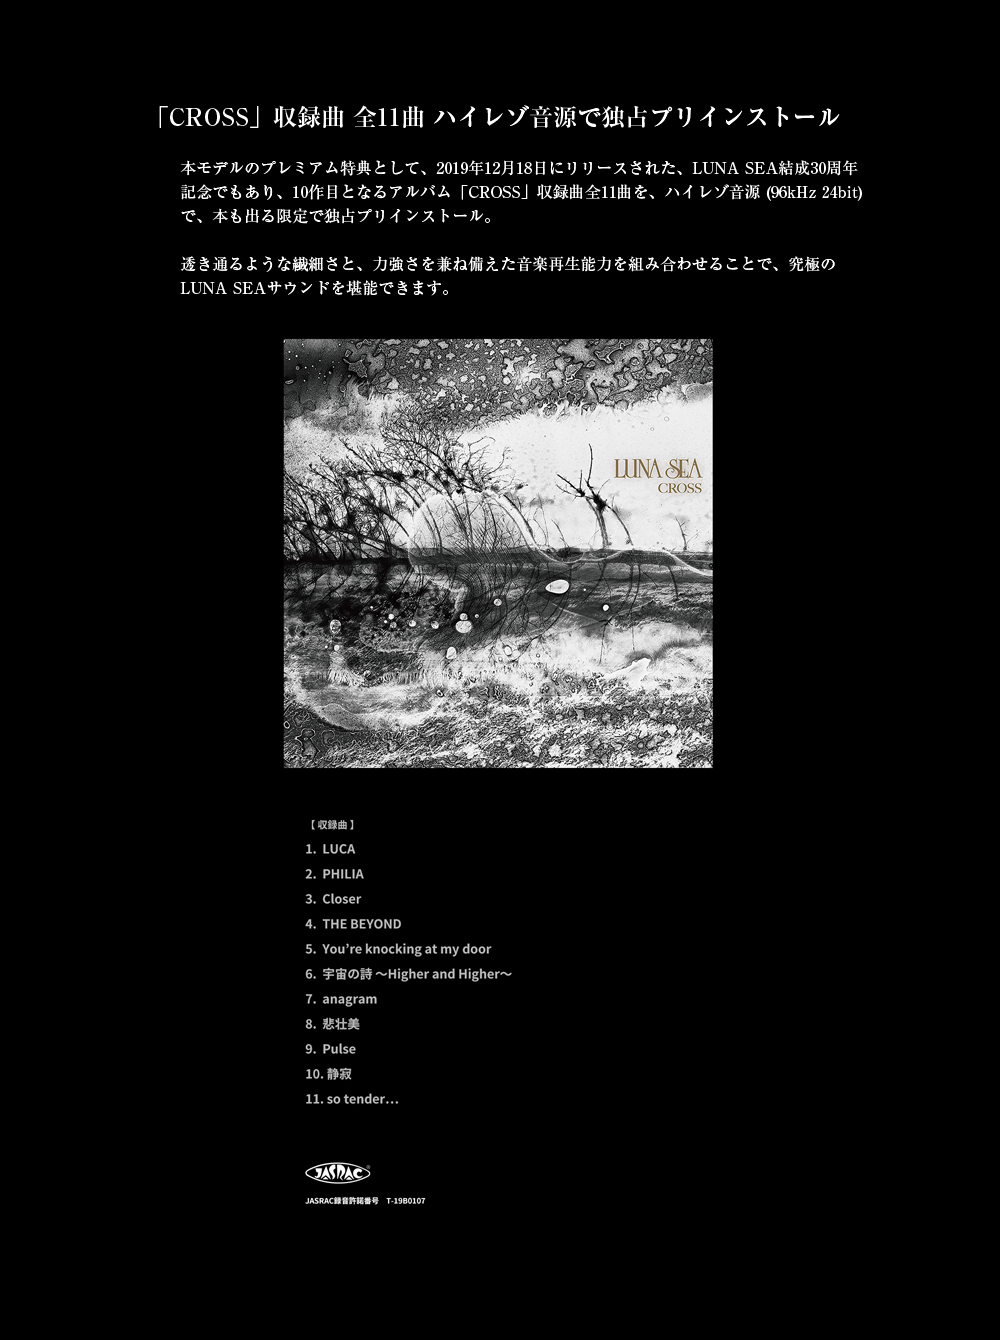 CROSS 収録曲 全11曲 ハイレゾ音源て独占プリインストール